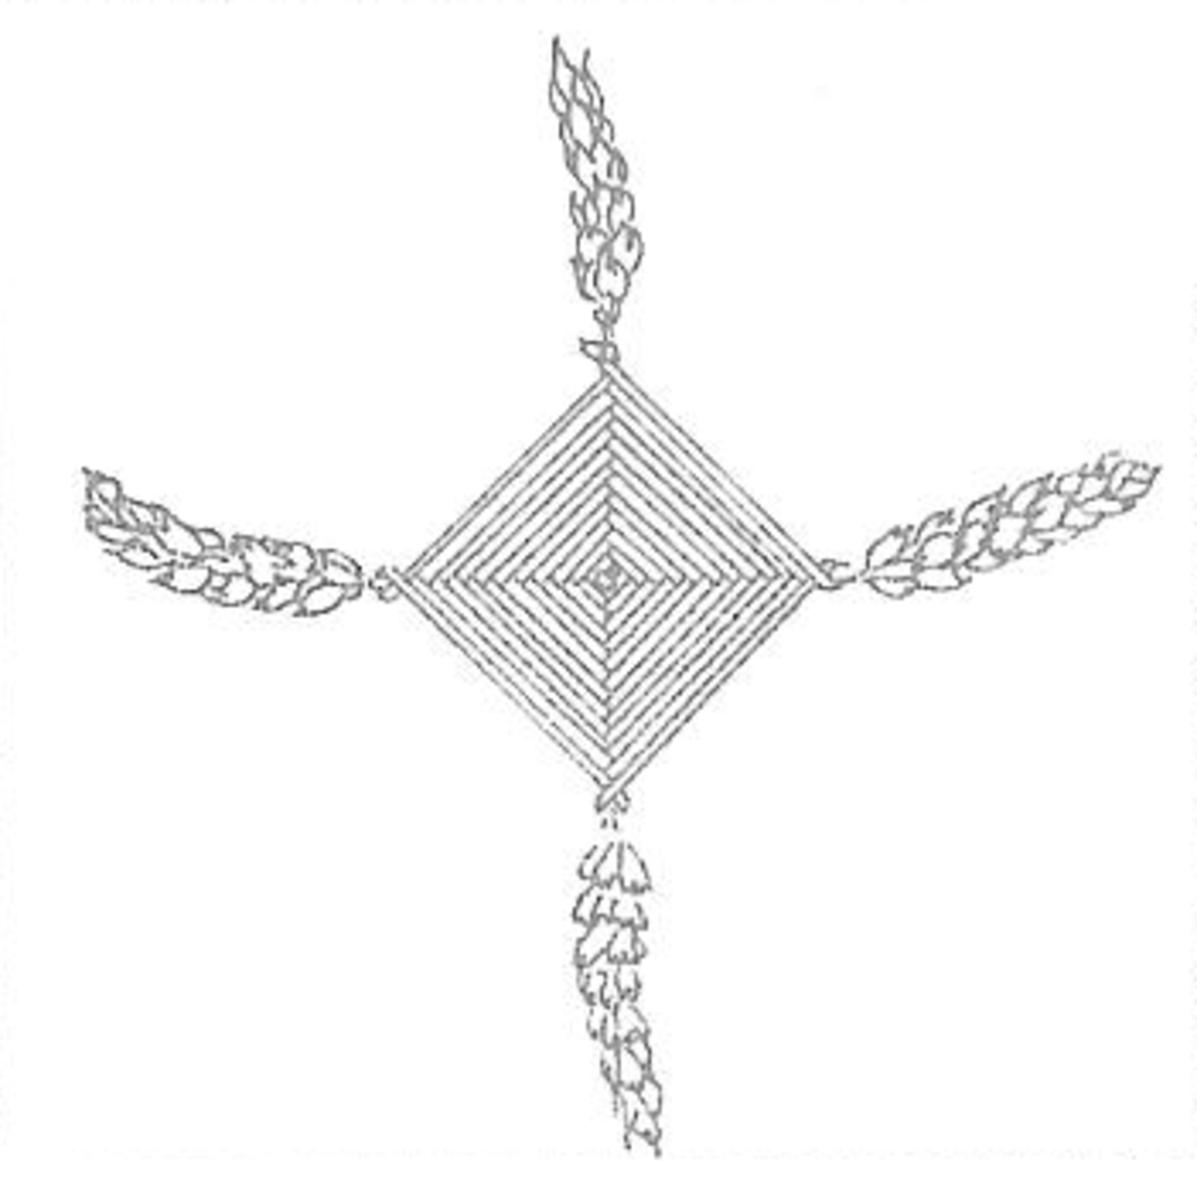 Figure 9: Bridget Cross